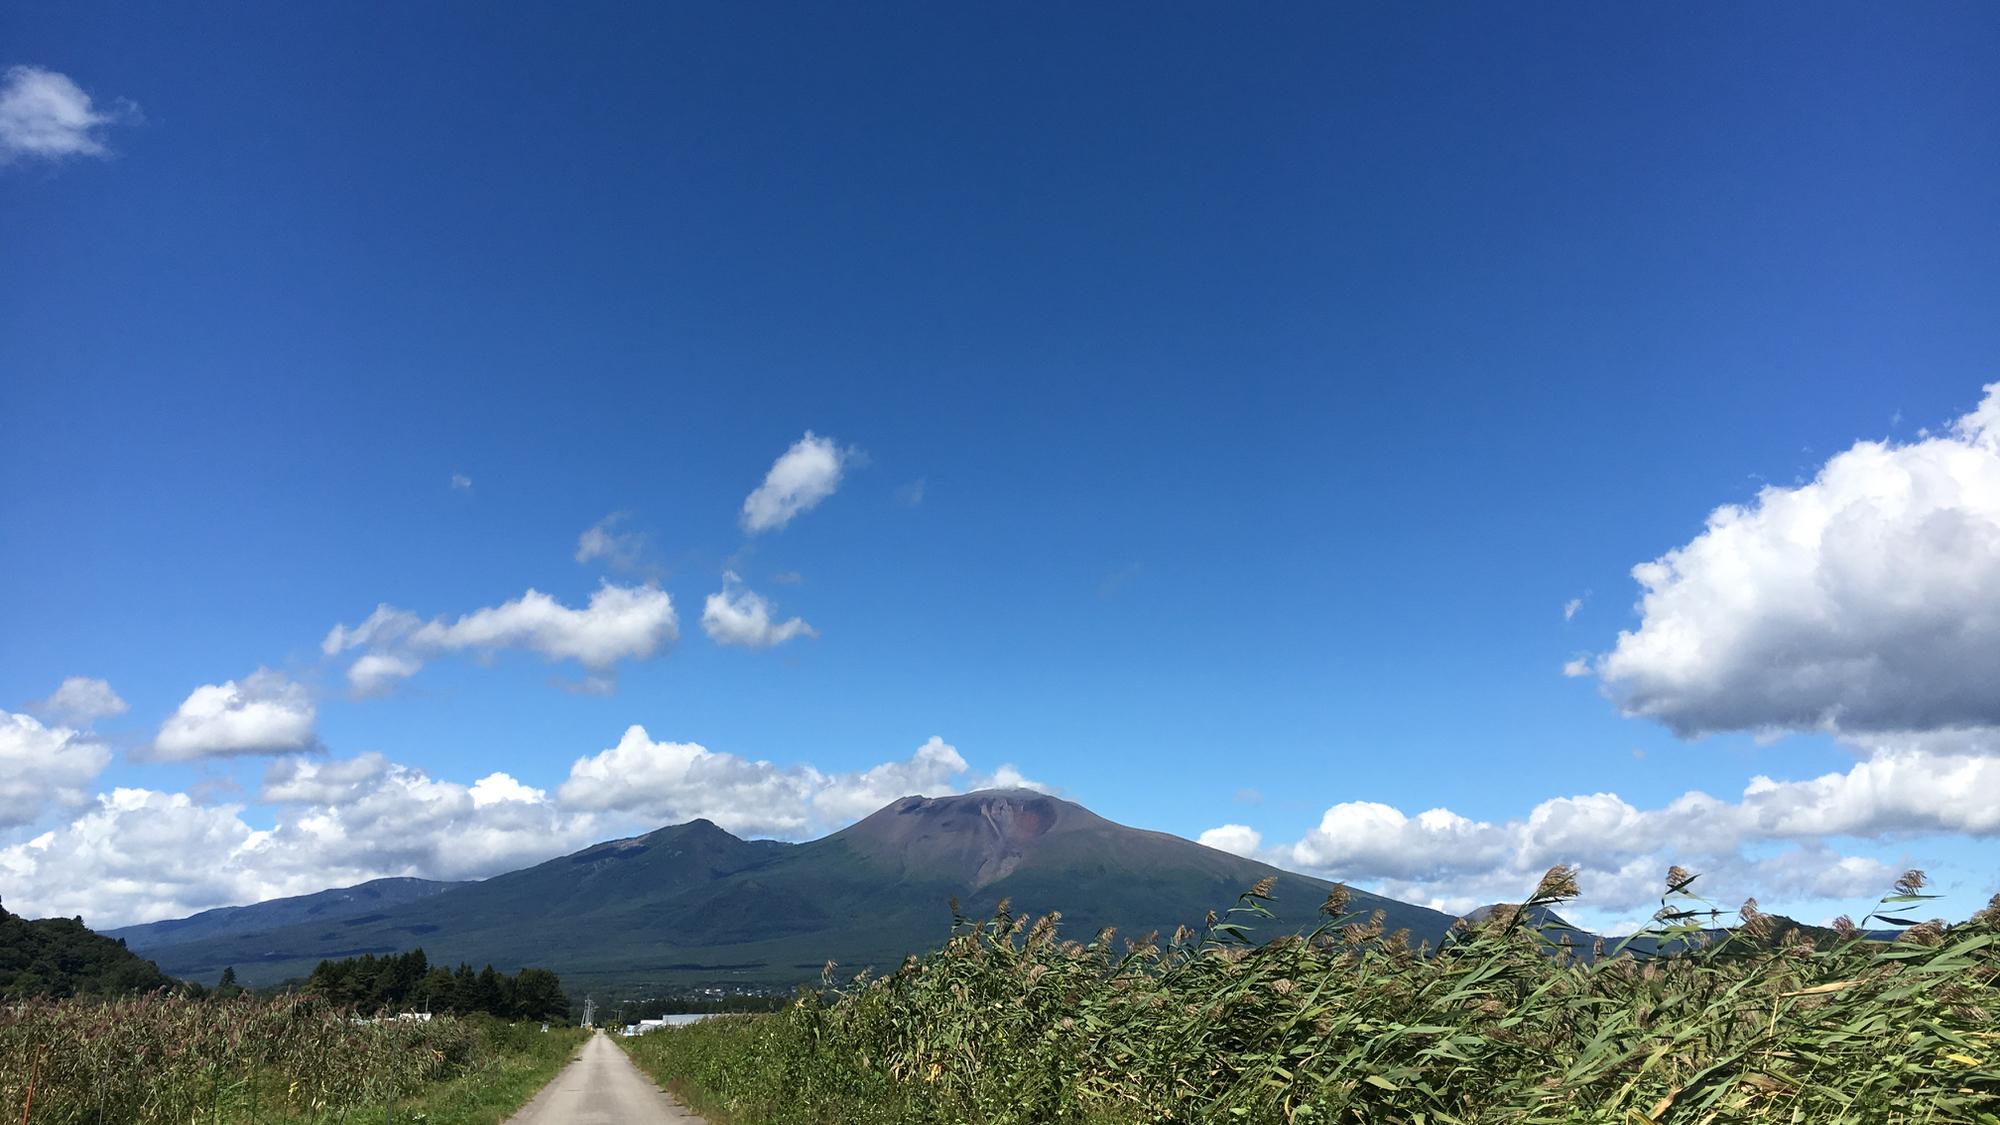 浅間山を望む風景